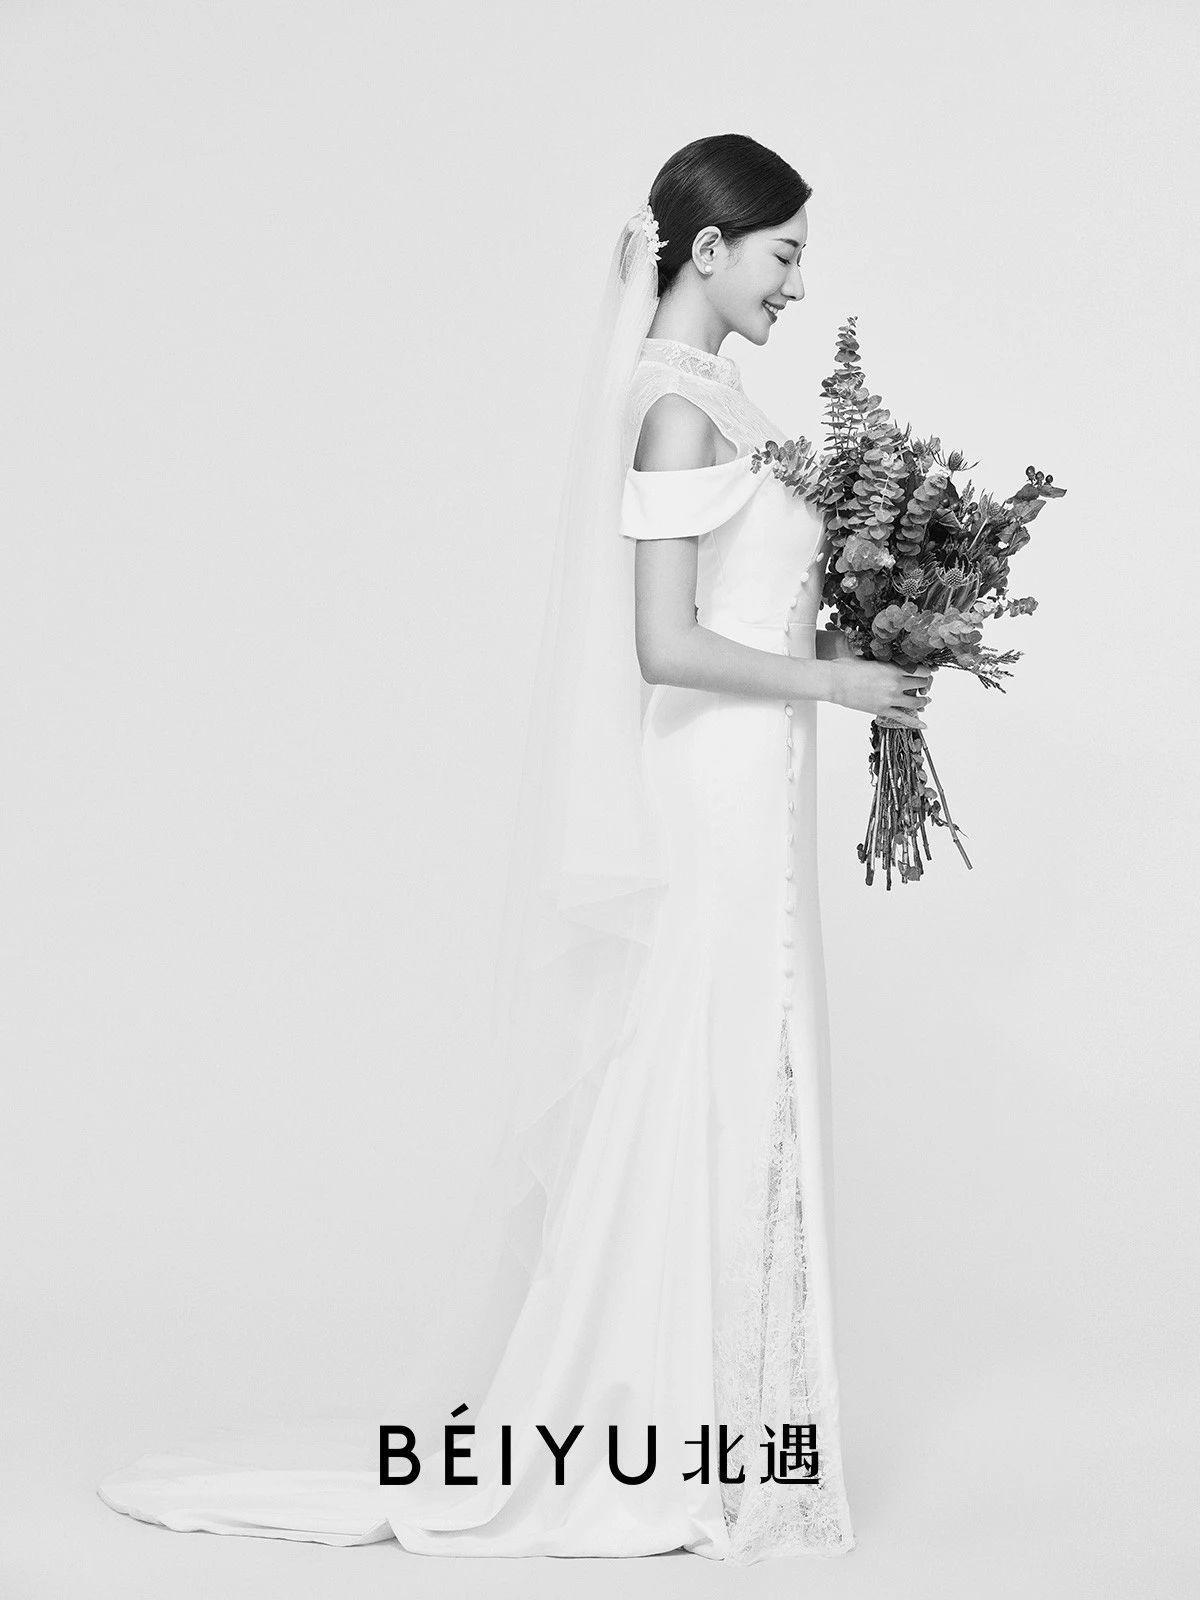 证婚人找谁好? 选择证婚人需要特别注意什么?